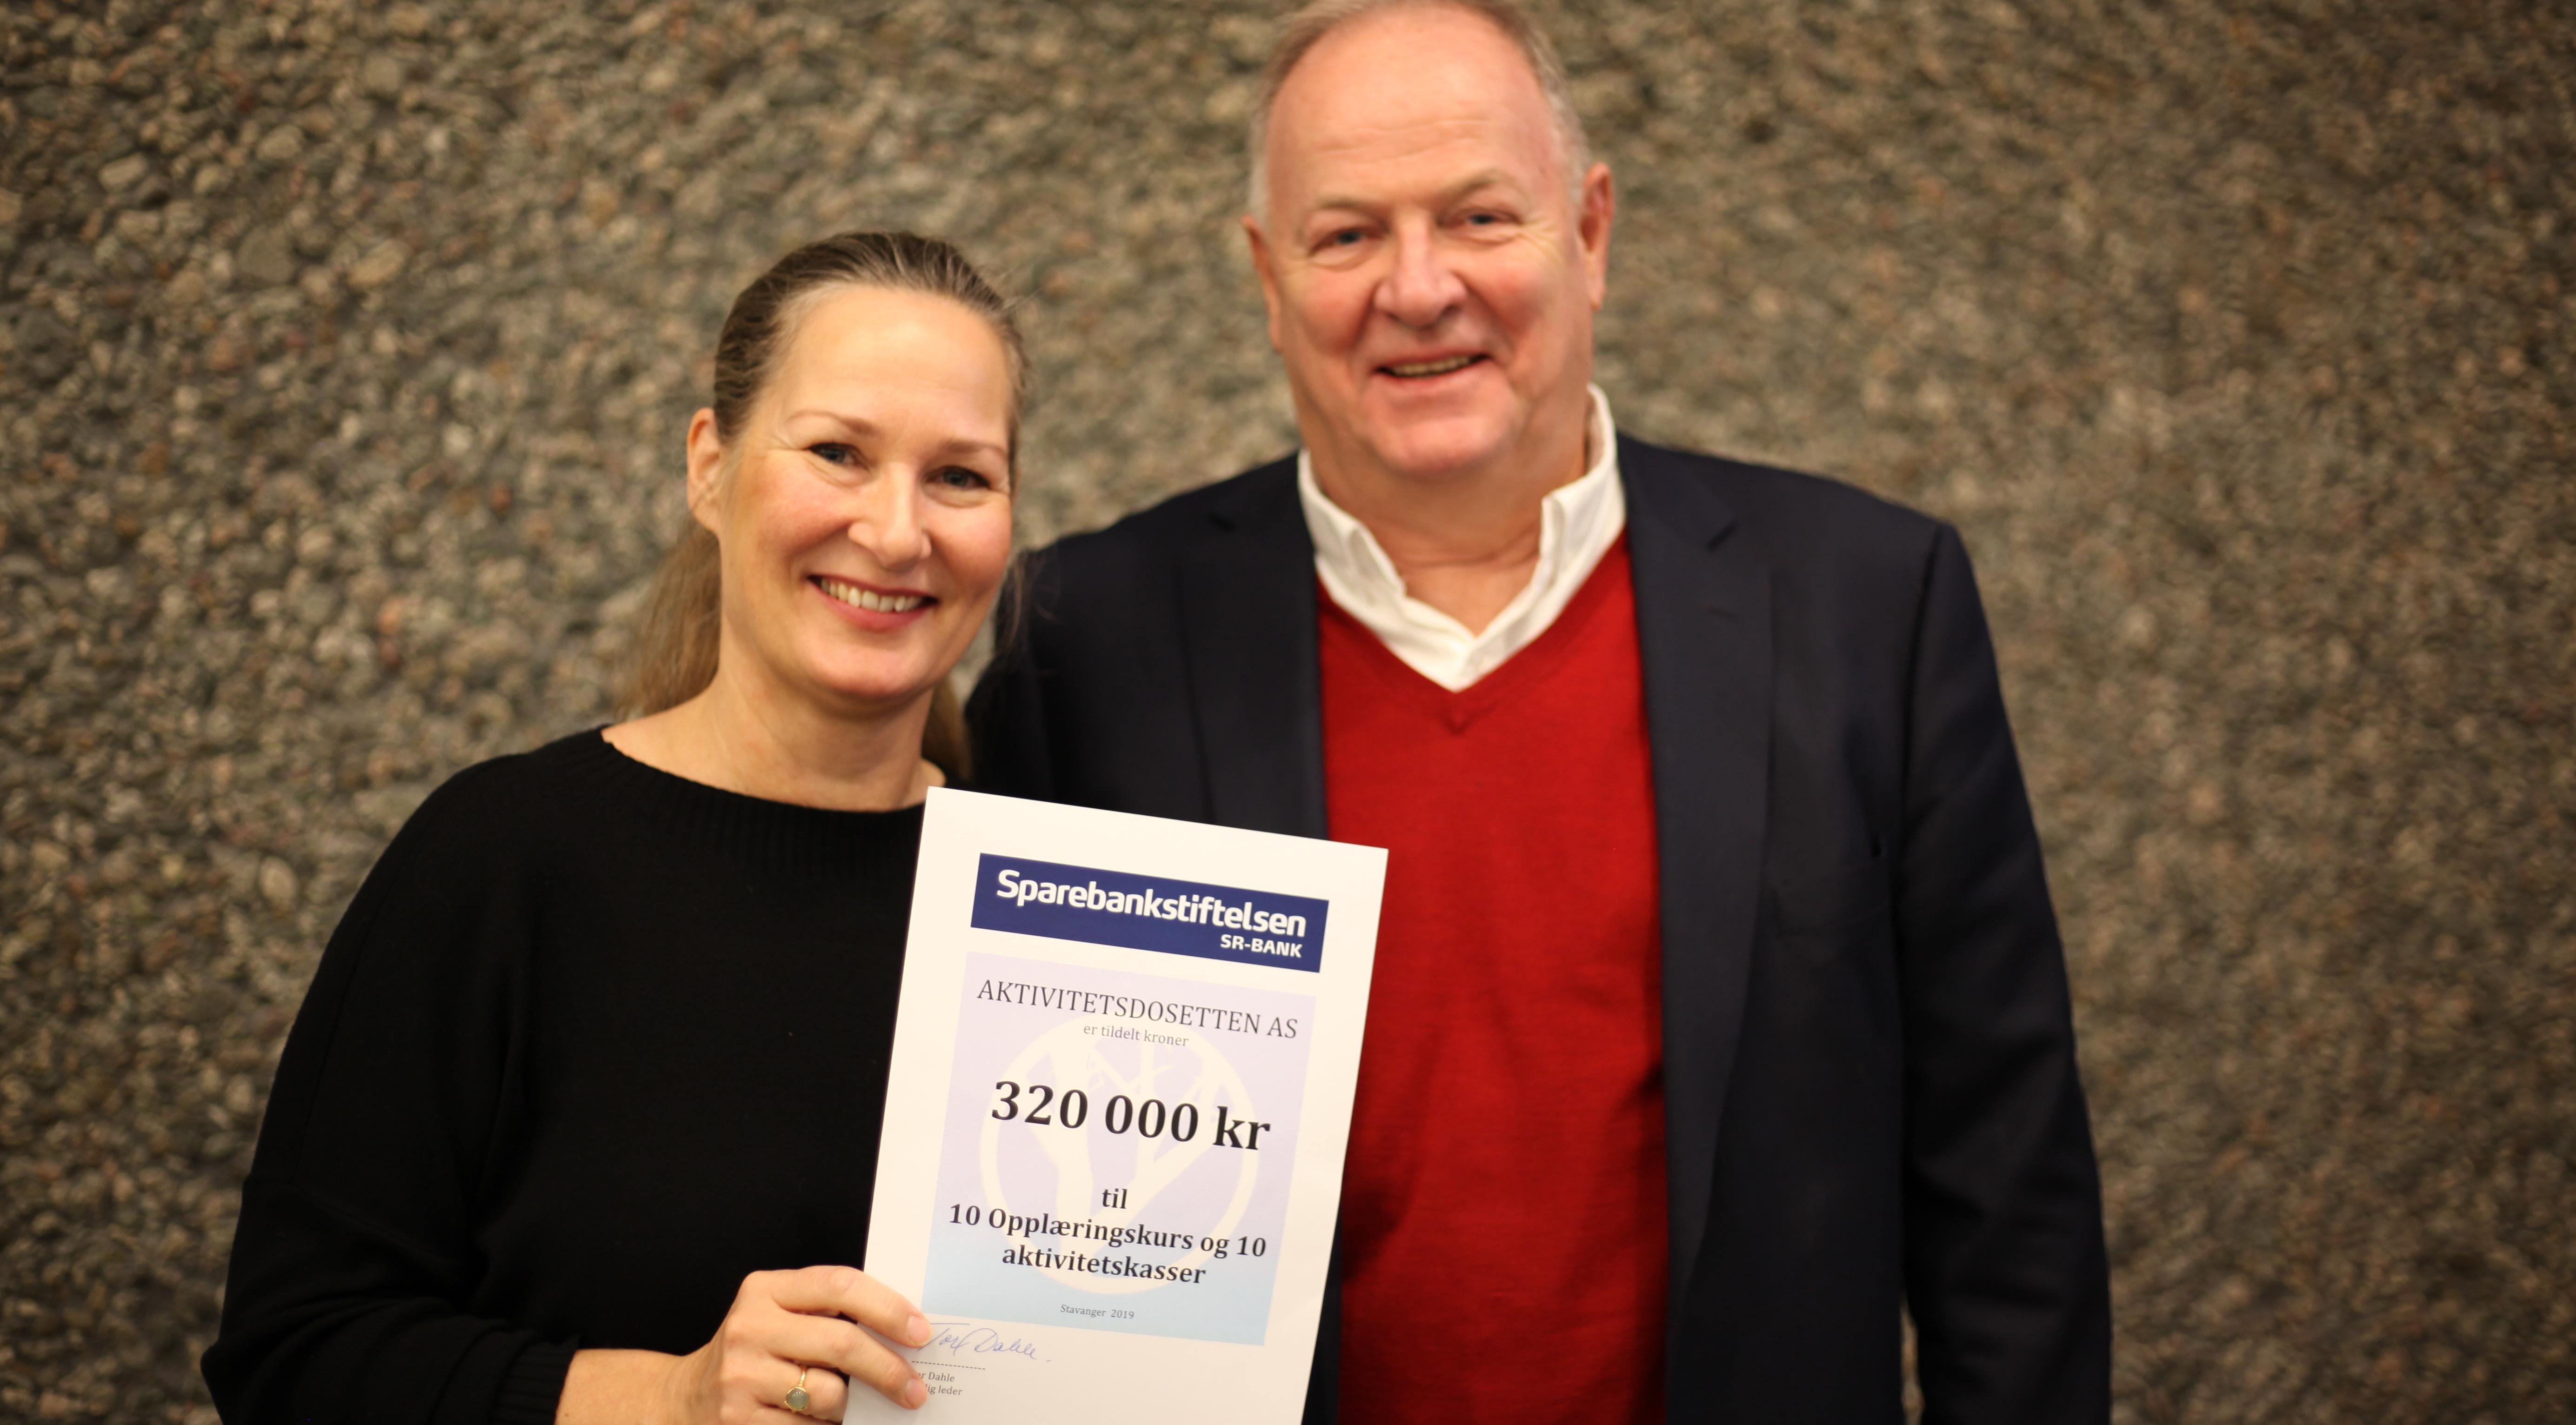 10 sykehjem får oppstart i gave fra Sparebankstiftelsen sr-bank